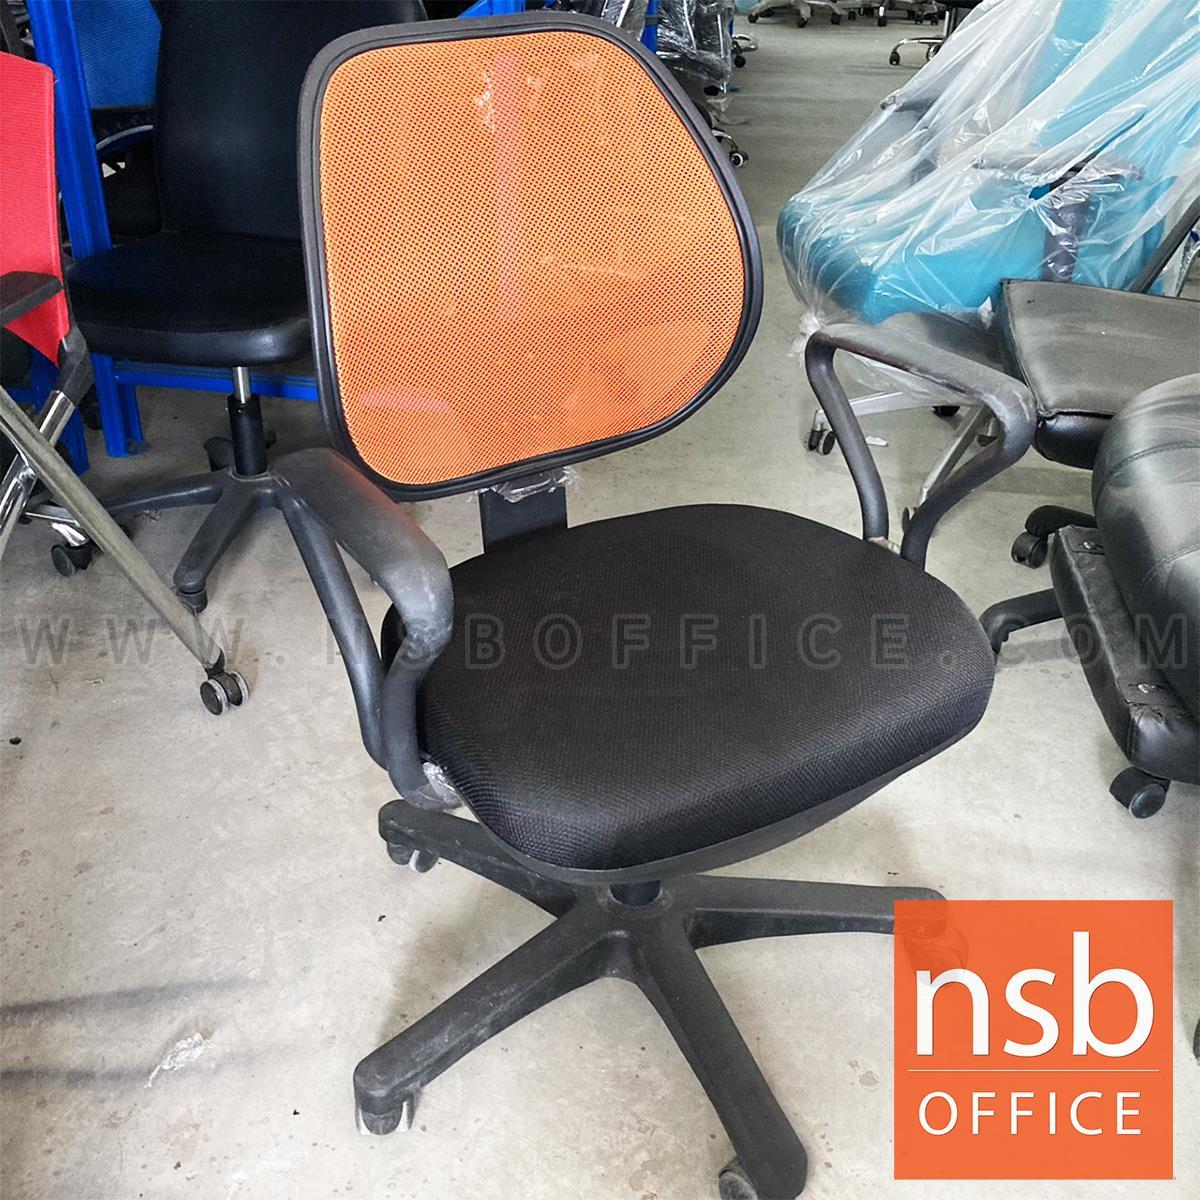 L02A352:เก้าอี้ทำงาน   มีพนักพิงสีแดง มีแขน มีไฮโดรลิค